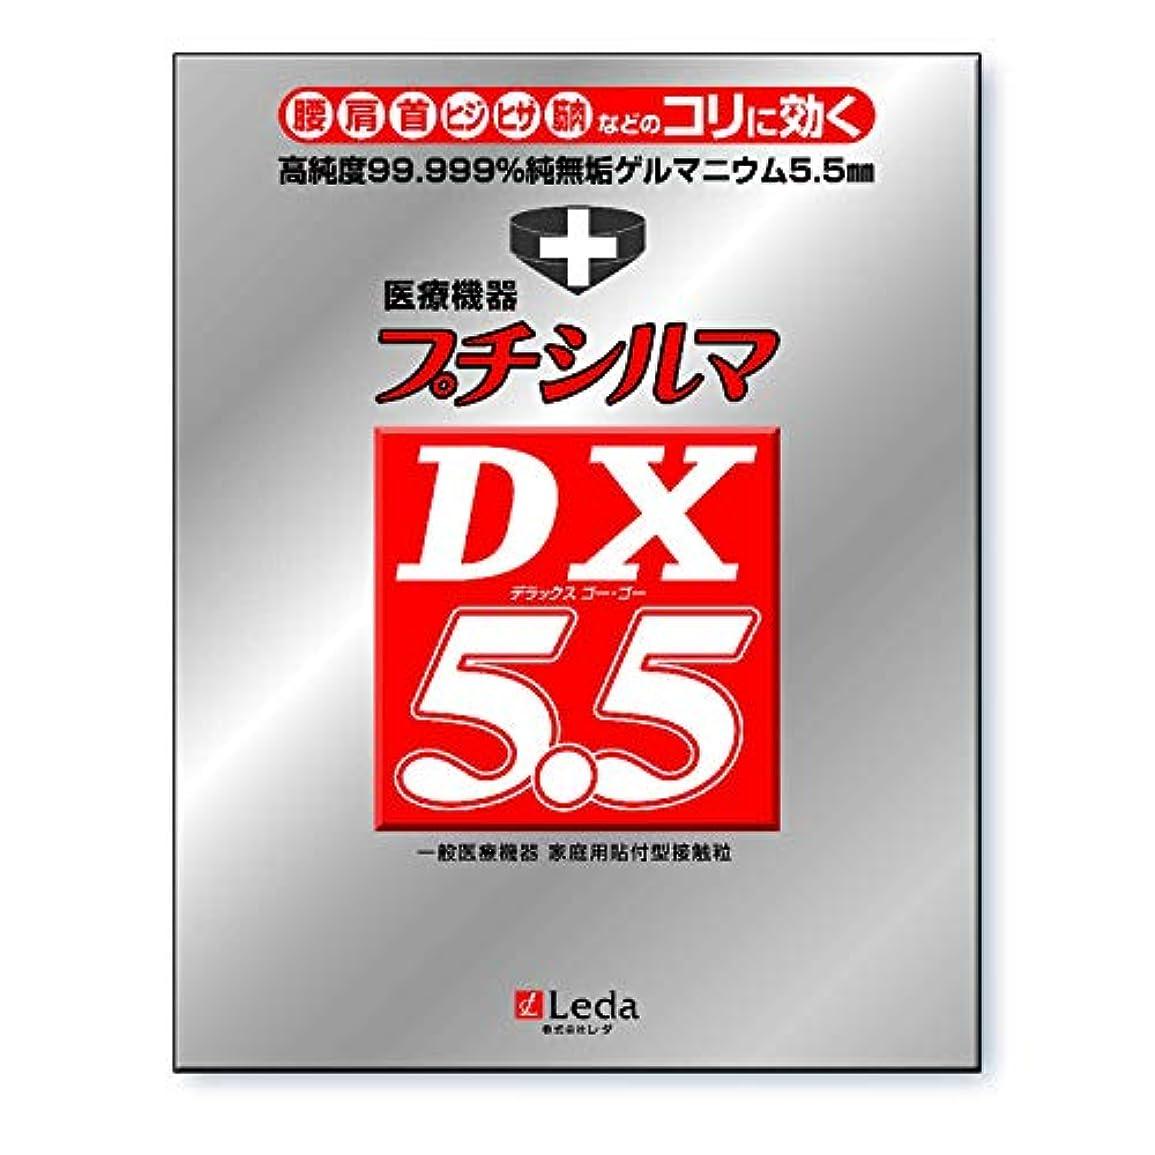 人乗って繊維プチシルマDX 5.5 お徳用替えプラスター200枚付き